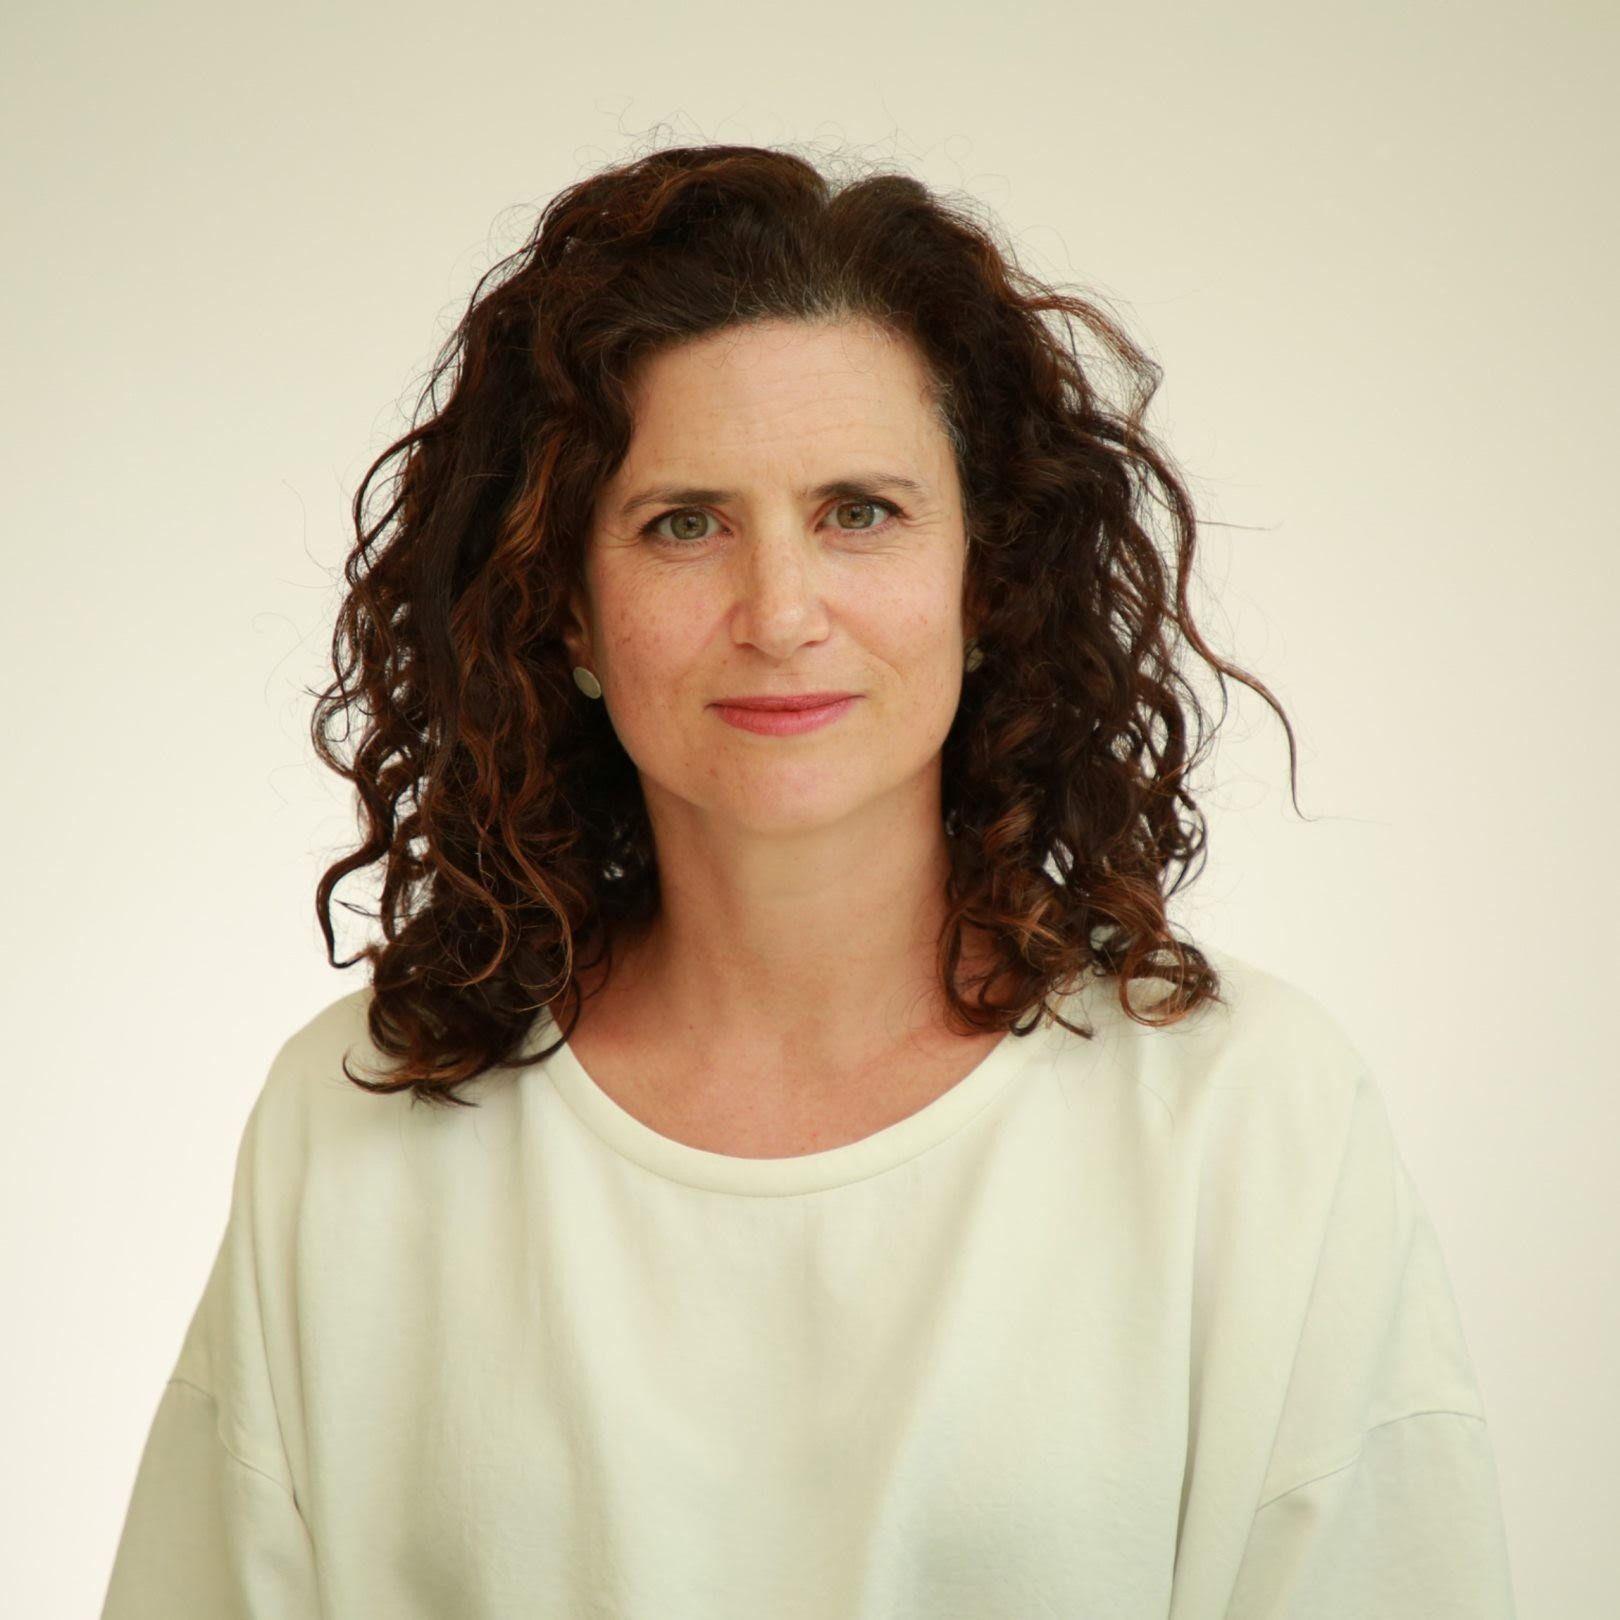 Rachel Fishman Feddersen